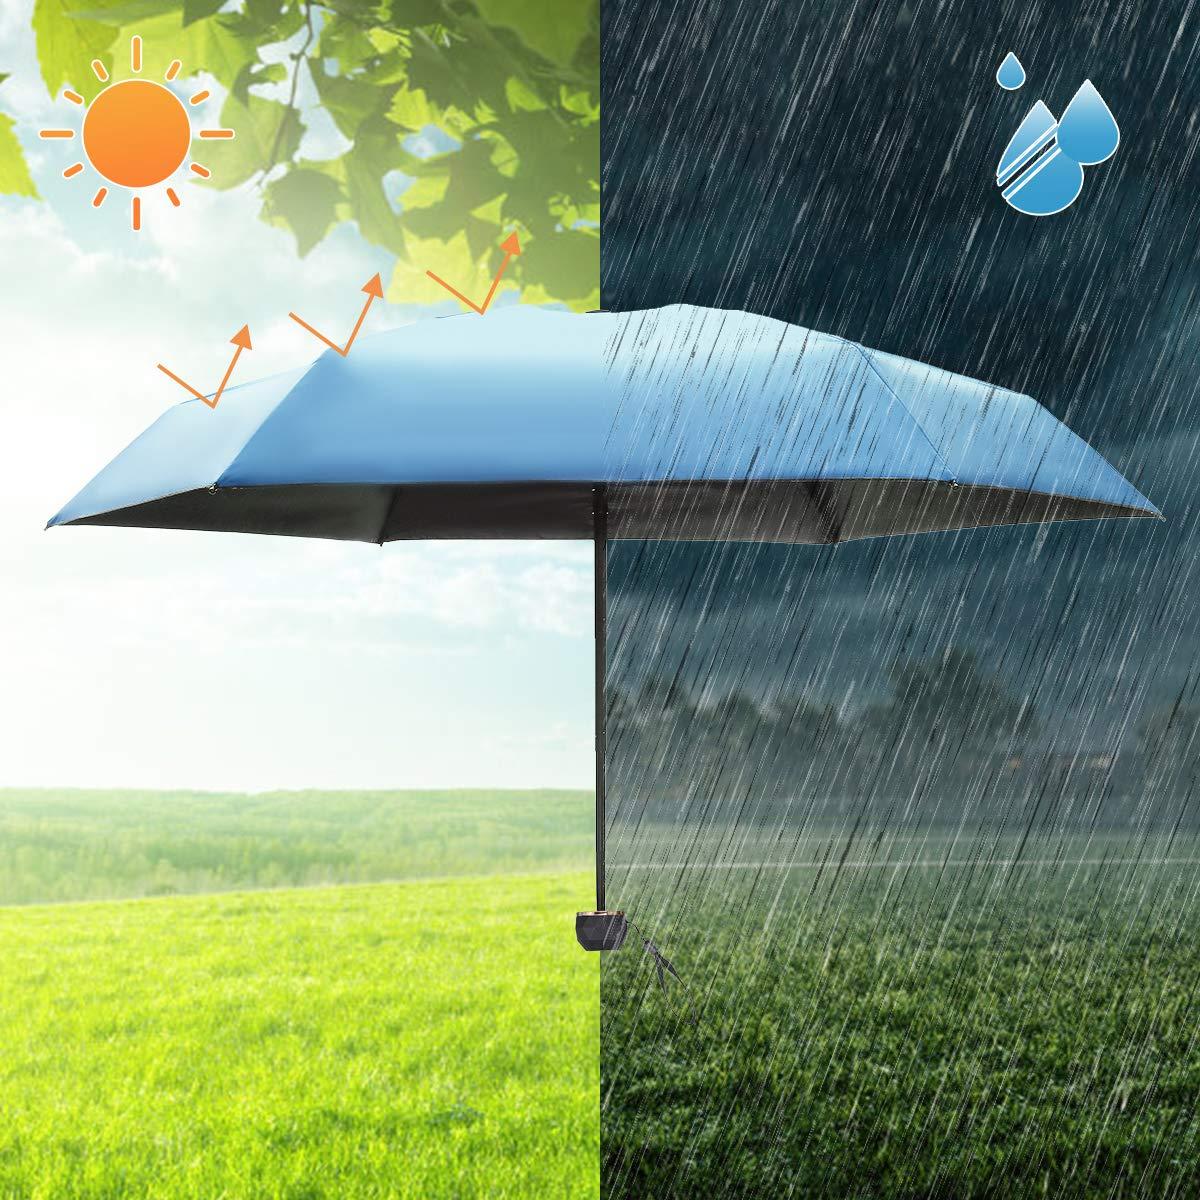 Parapluie de Poche Ultra-l/éger Compact Portable S/échage Rapide Anti-Vent Anti-UV NASUM Mini Parapluie Pliant Bleu Ciel avec Boucle//Bo/îte Polygonale Capsule//Pendentif pour Voyage Randonn/ée